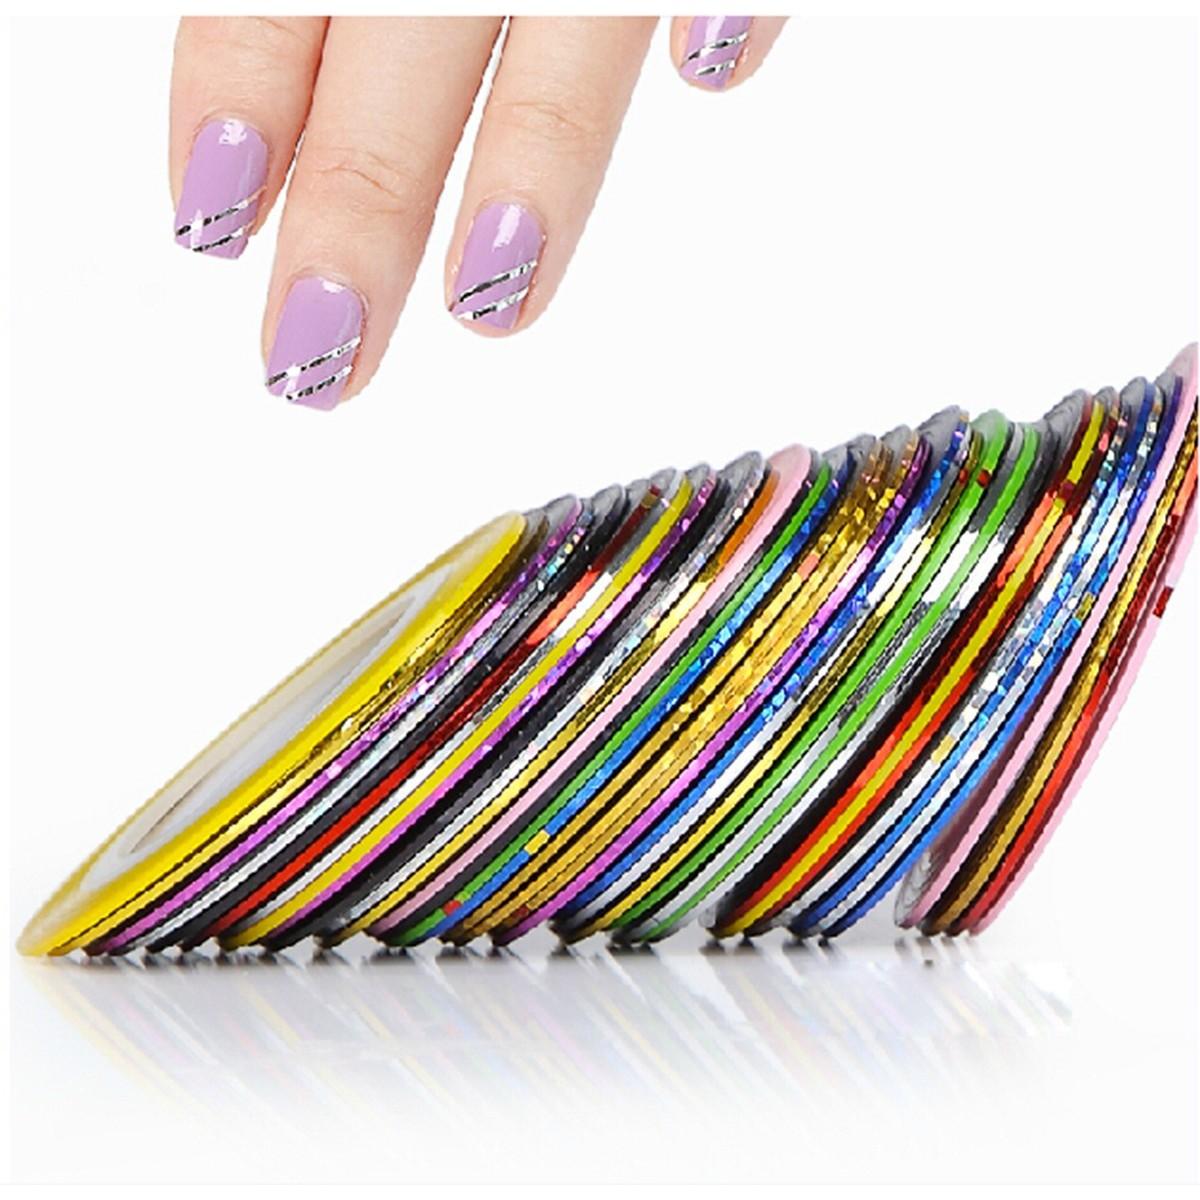 Nail Art Tirillas adhesivas para decorar tus u as